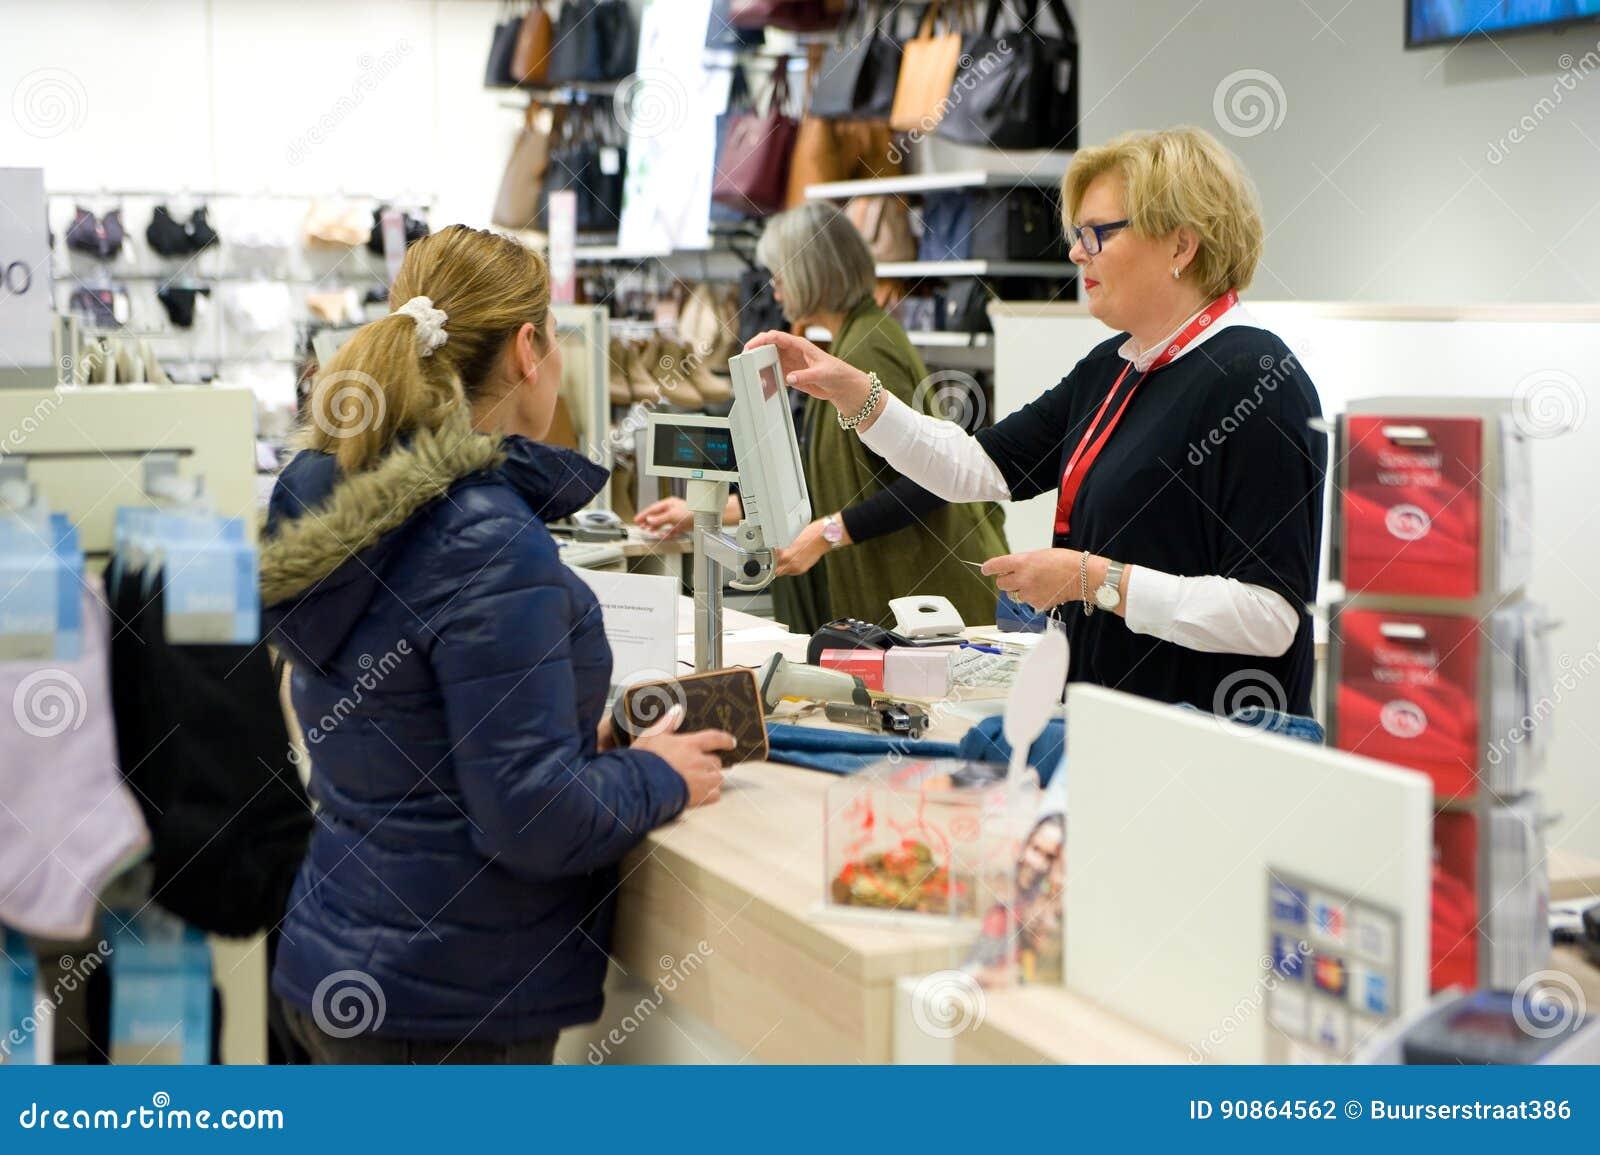 recoger a pies en venta online Tienda C&A de la ropa fotografía editorial. Imagen de cajero ...